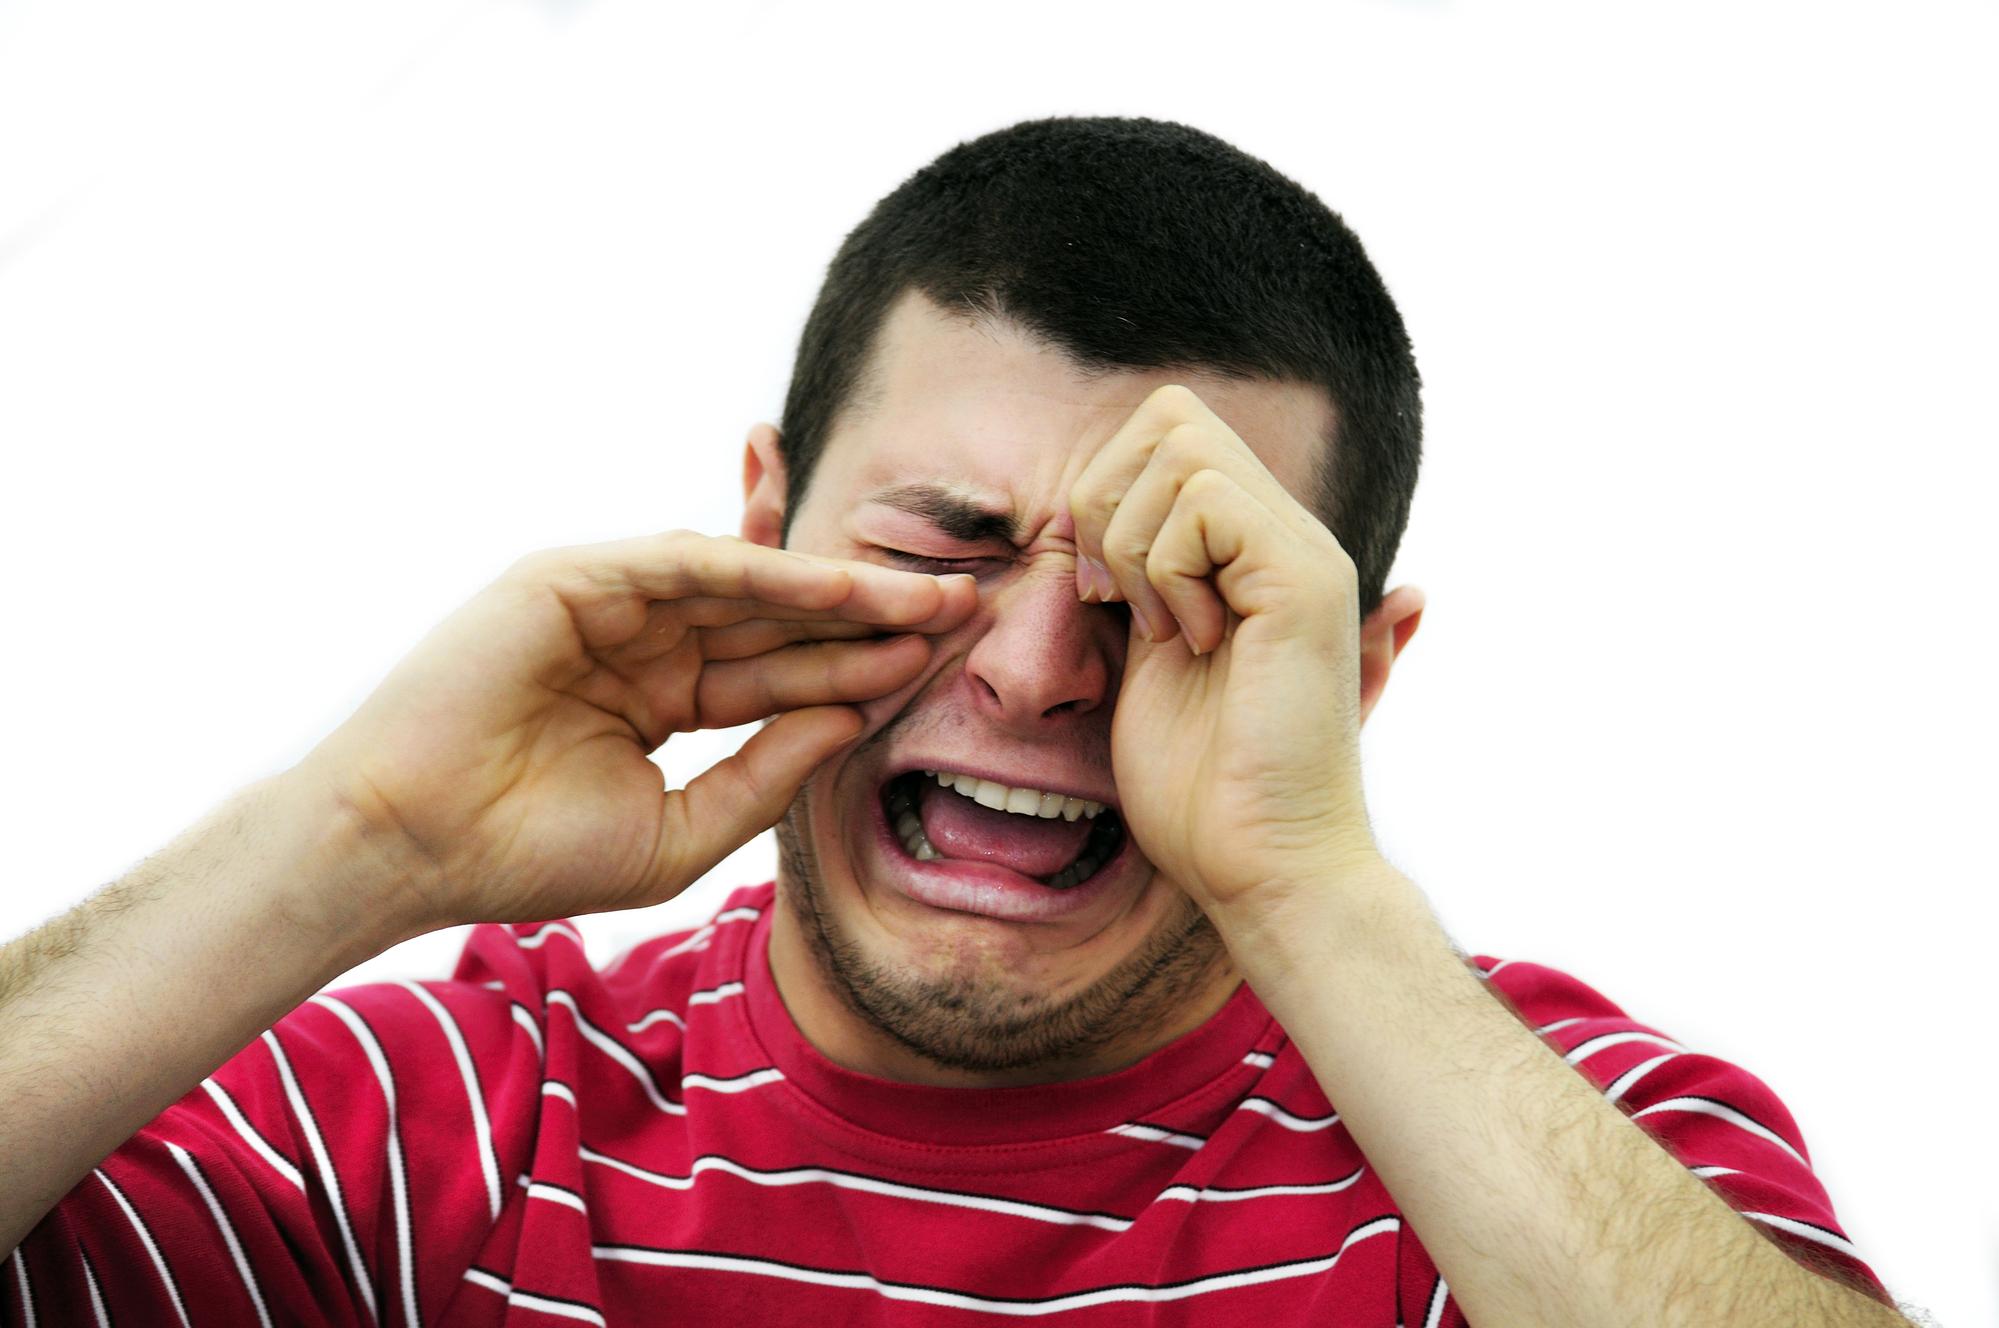 картинки ржачные мужик плачет фотограф